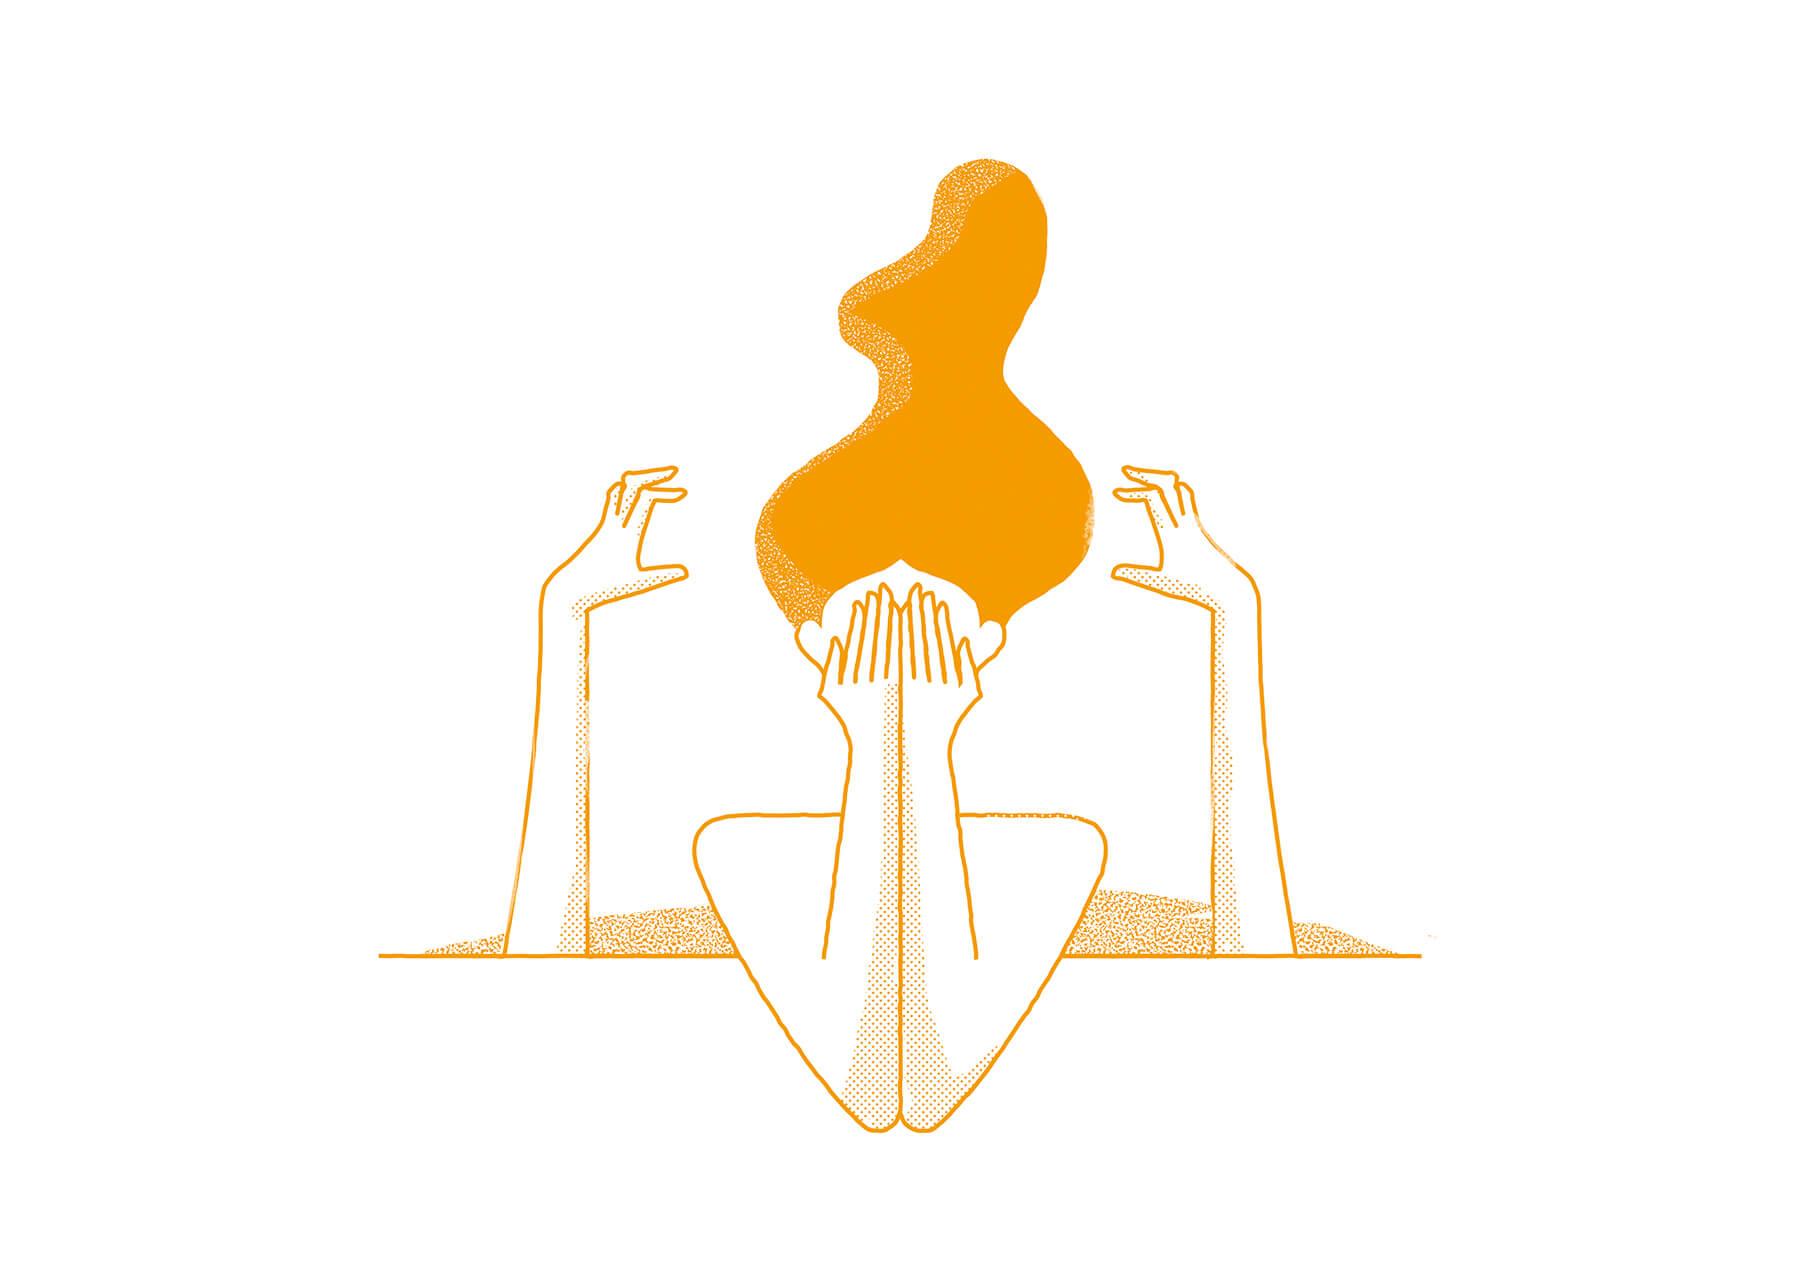 Le eleganti illustrazioni minimali di Timo Kuilder | Collater.al